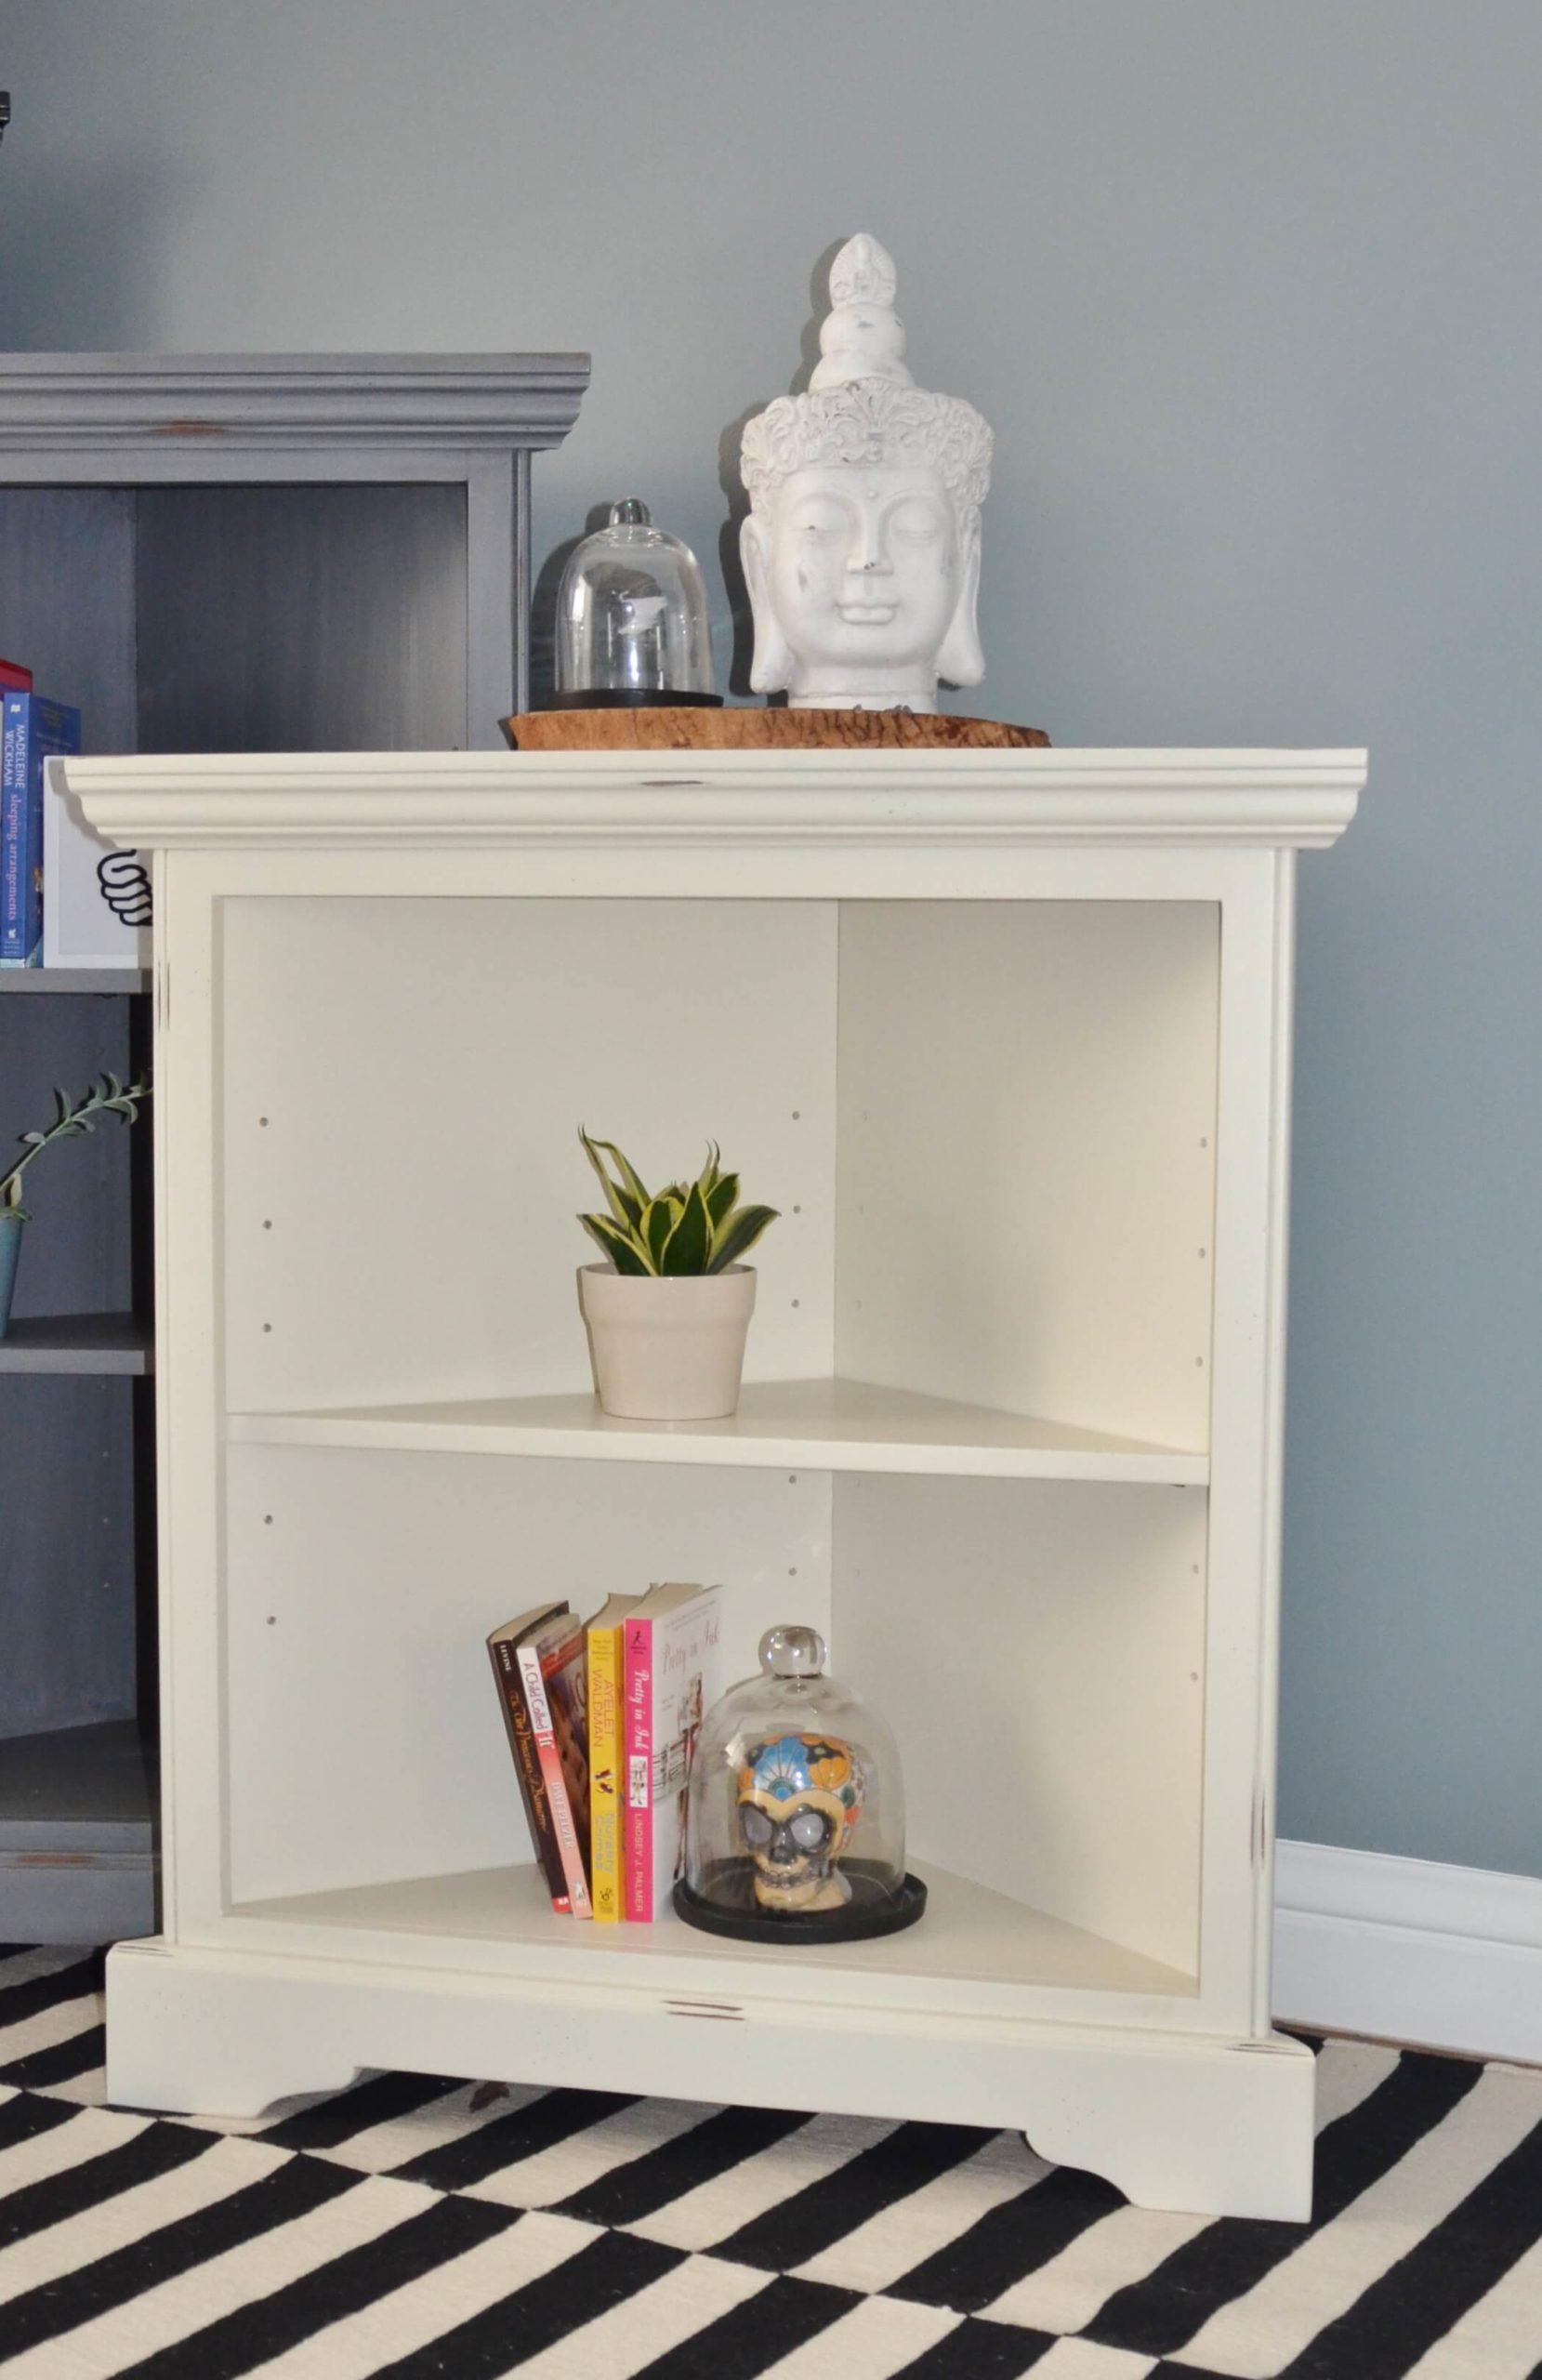 Barcelona Corner Bookshelf Single Shelf